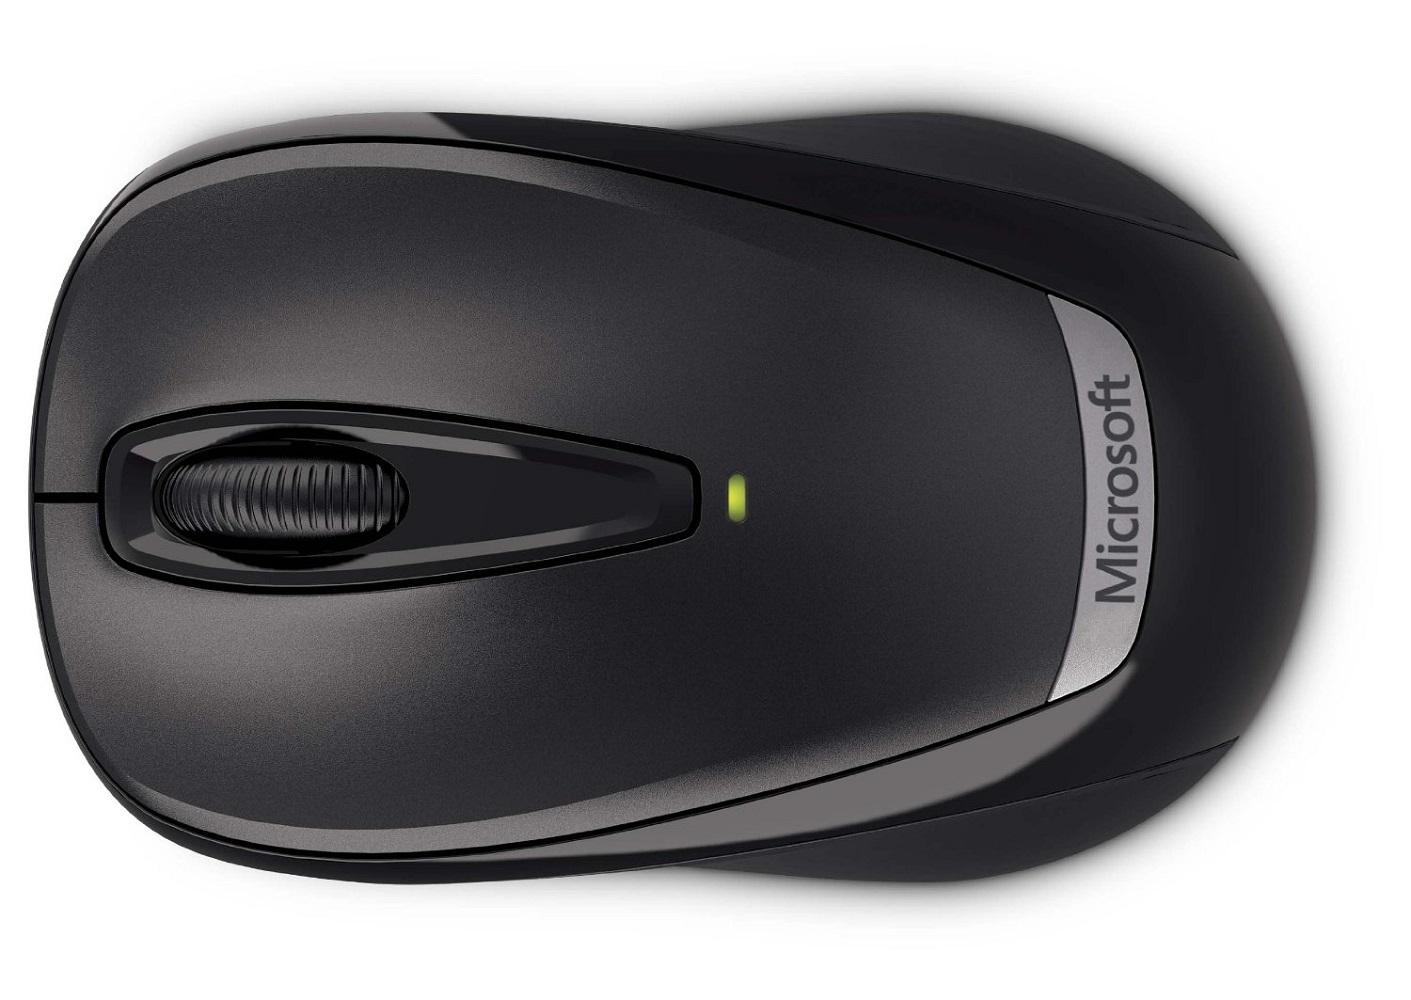 3000Беспроводные мыши<br>Оптическая мышь<br>